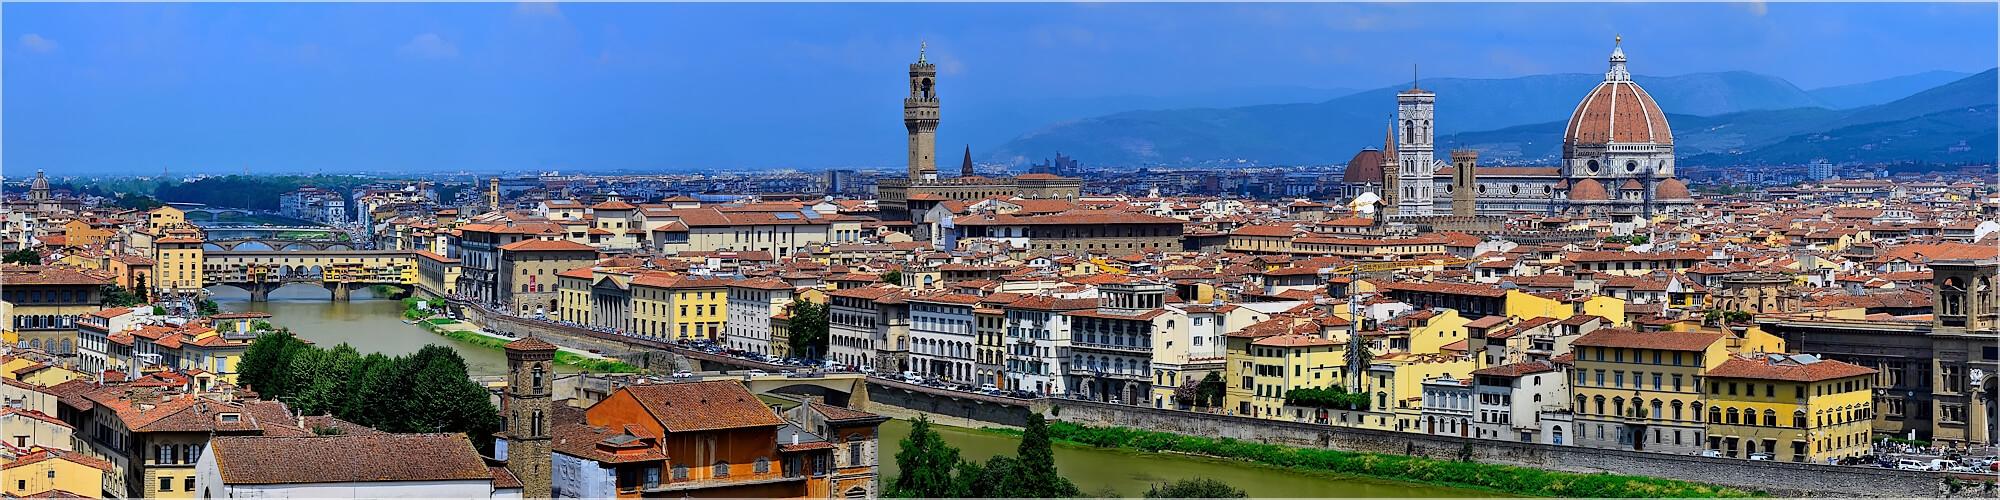 Panoramabild Skyline von Florenz Italien